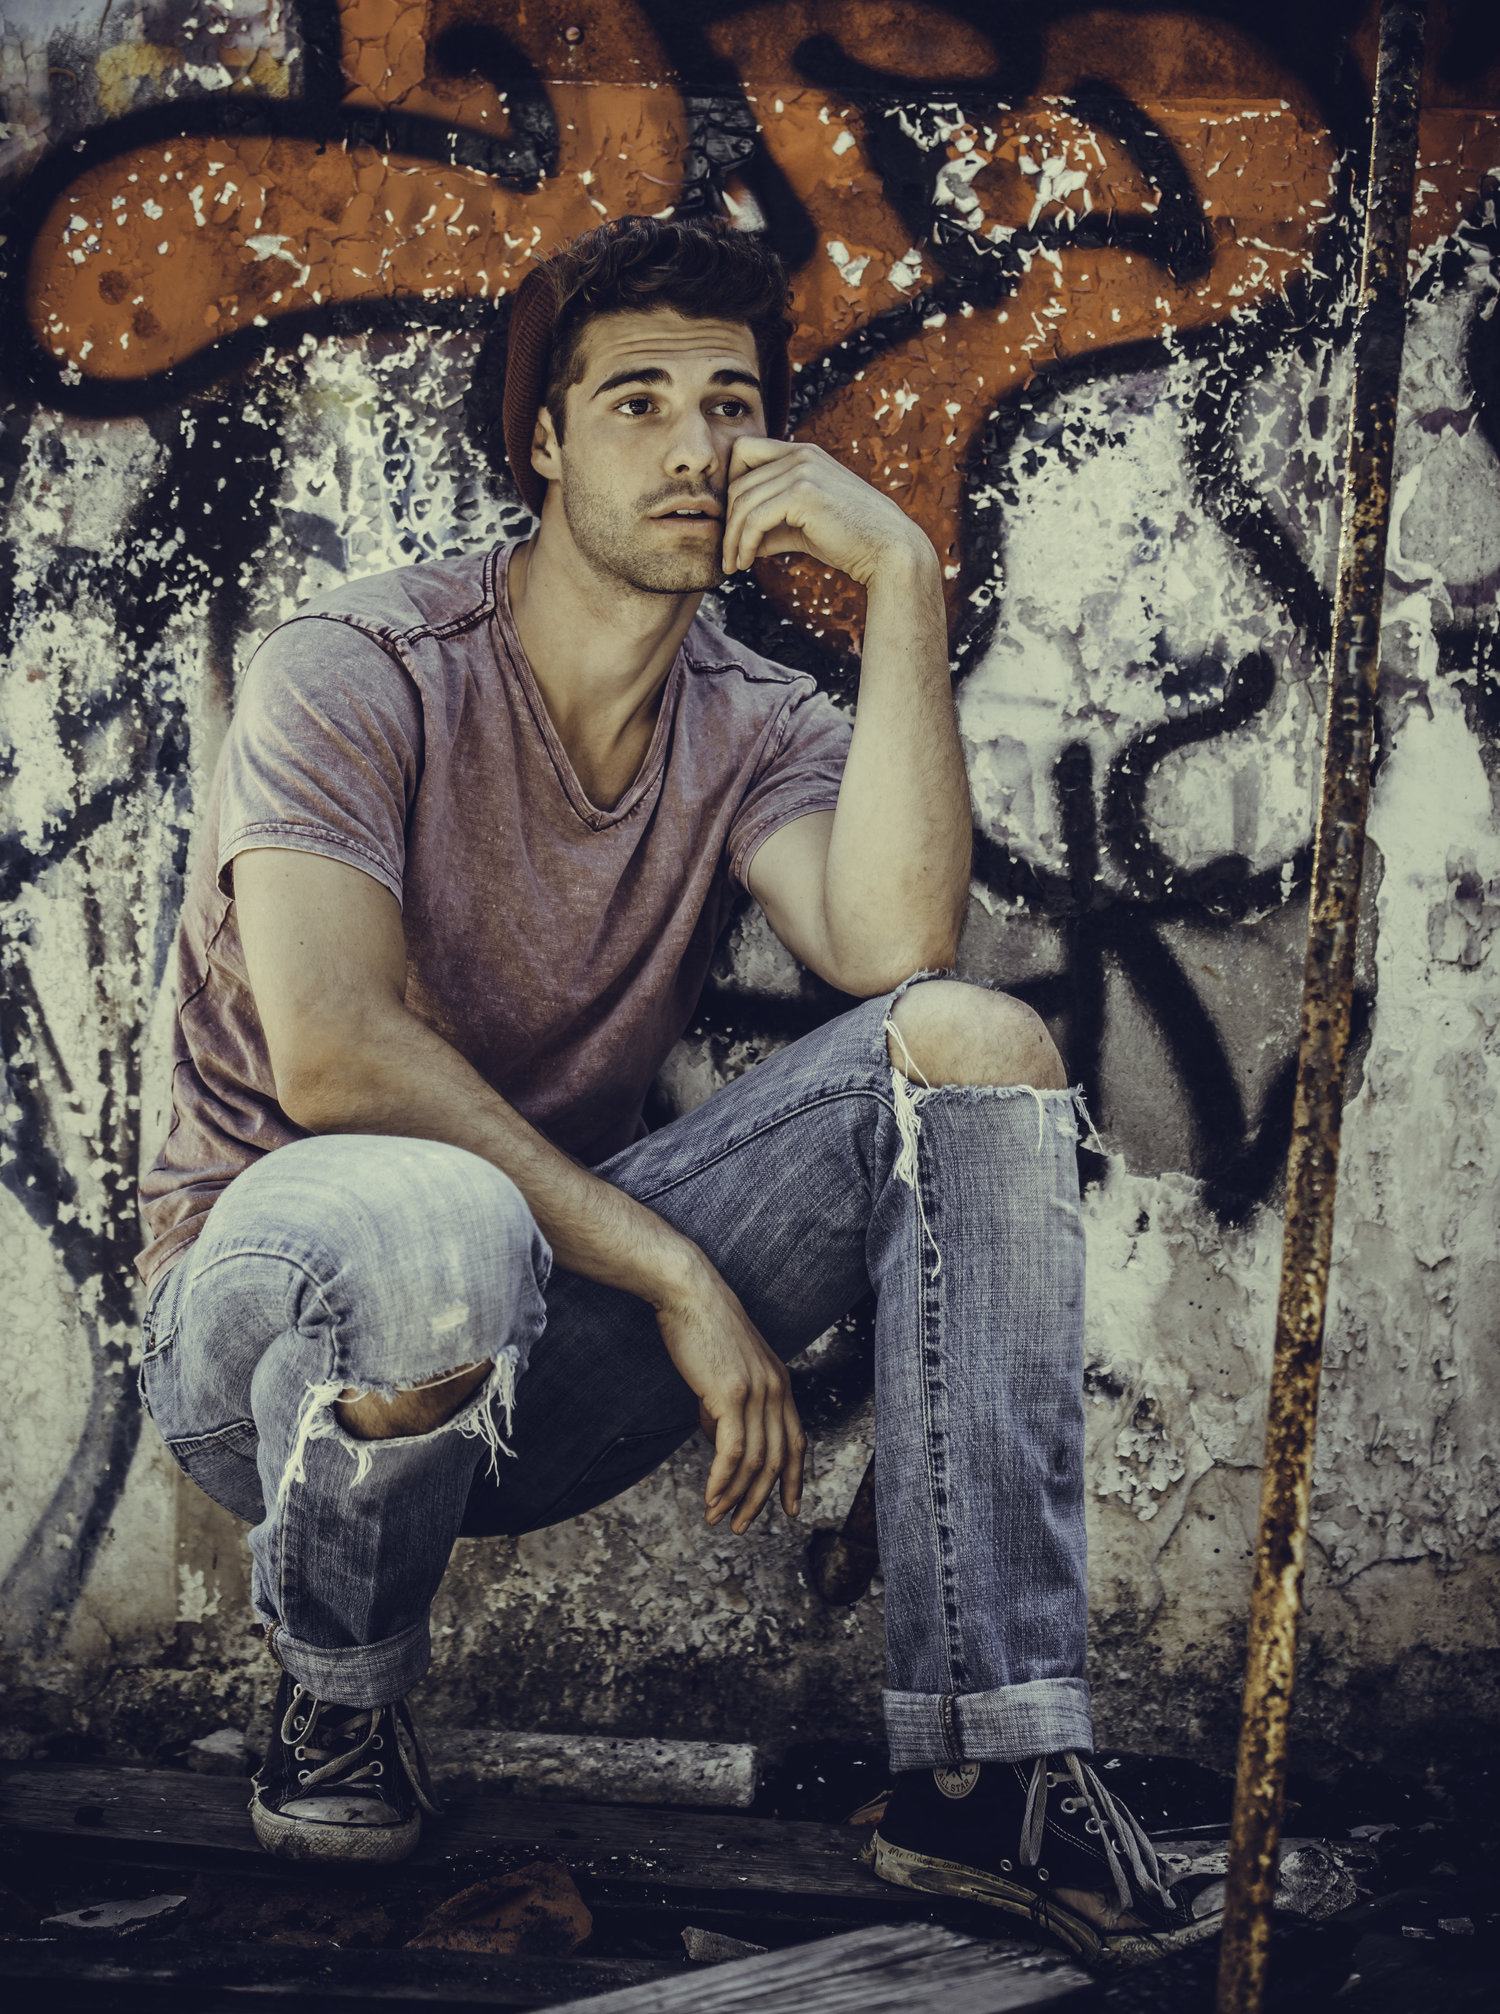 Adon Exclusive: Model Andrew James Bliek  By Rey Romero